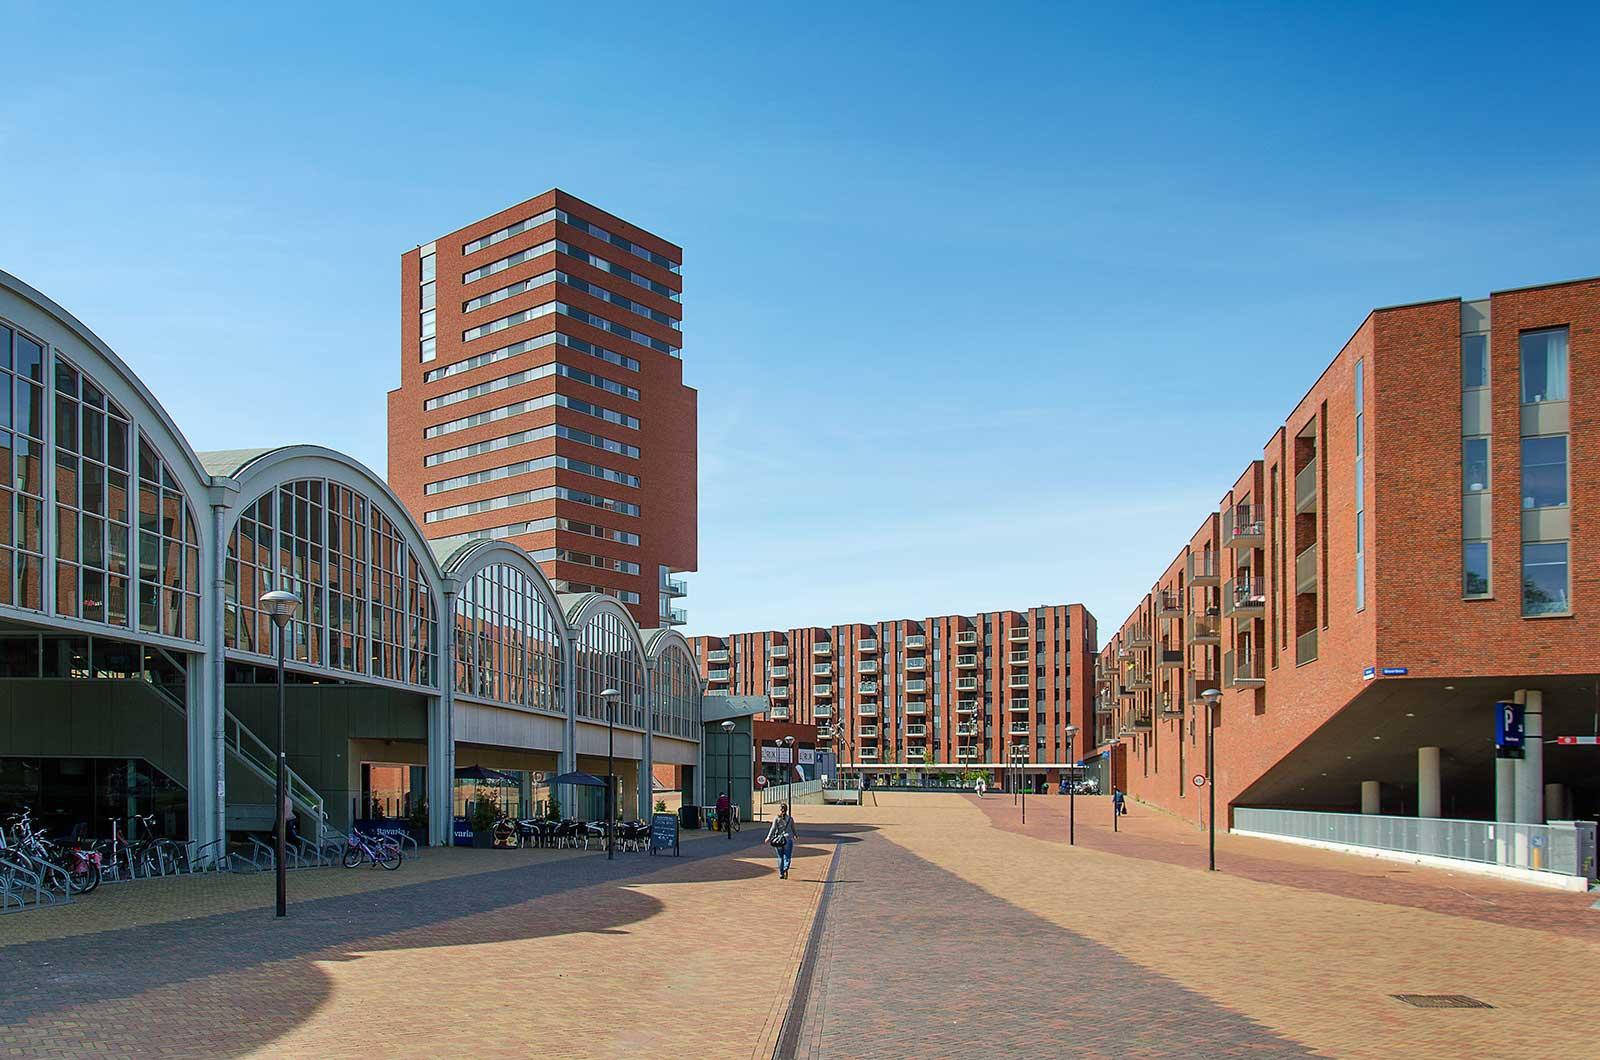 Entree tot winkelcentrum Meerrijk, Eindhoven, met de hergebruikte hangar en met nieuwe blokken opgetrokken in roodbruine baksteen